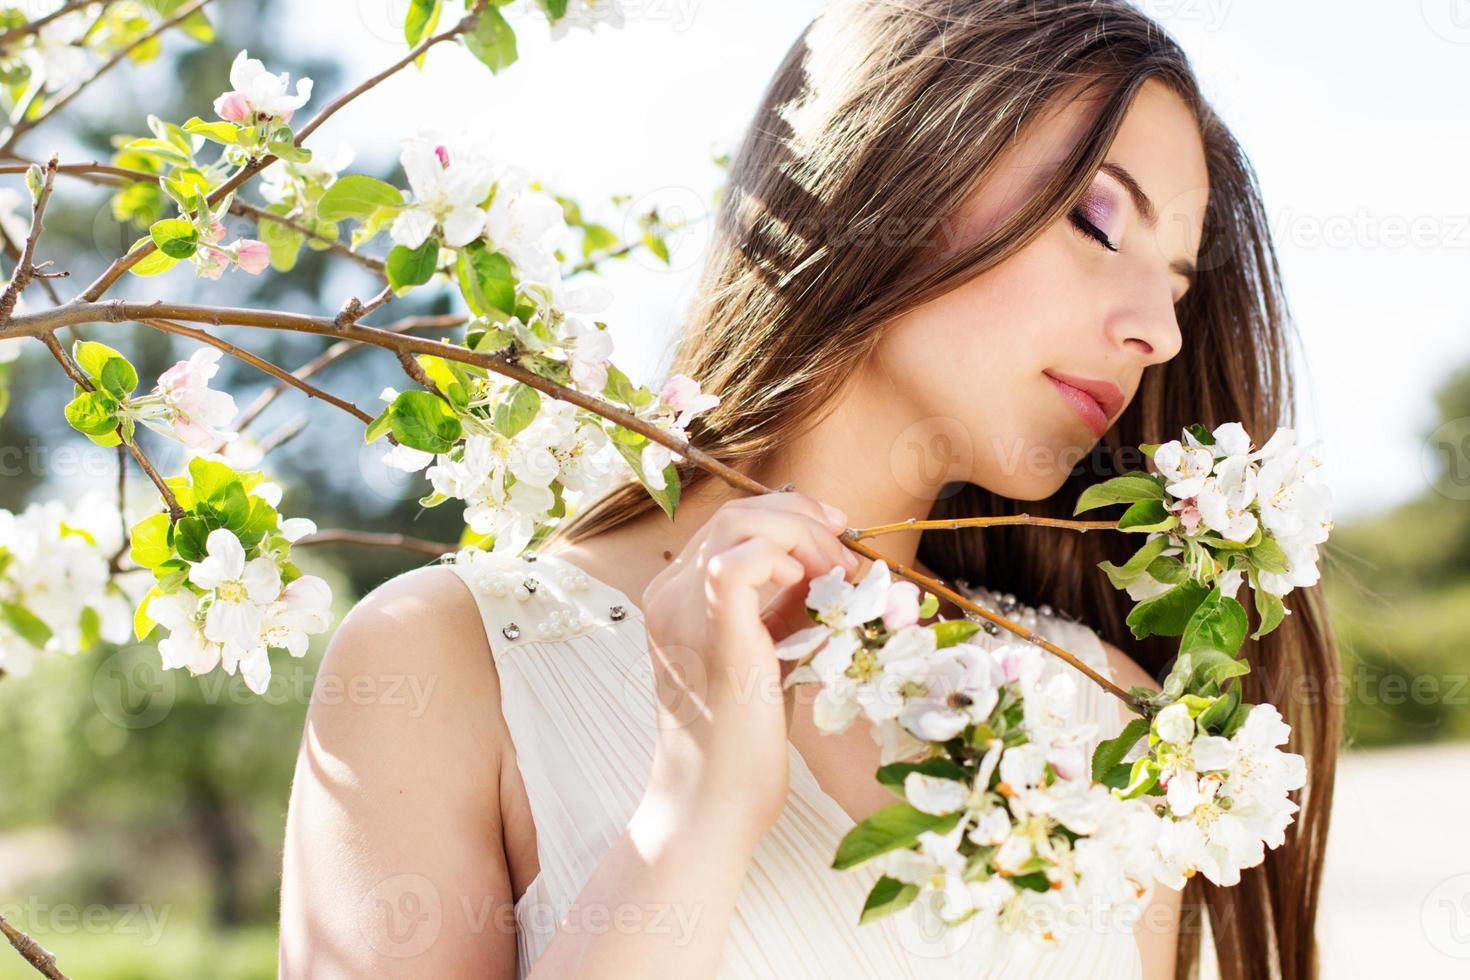 hermosa niña en un jardín de cerezos en flor foto